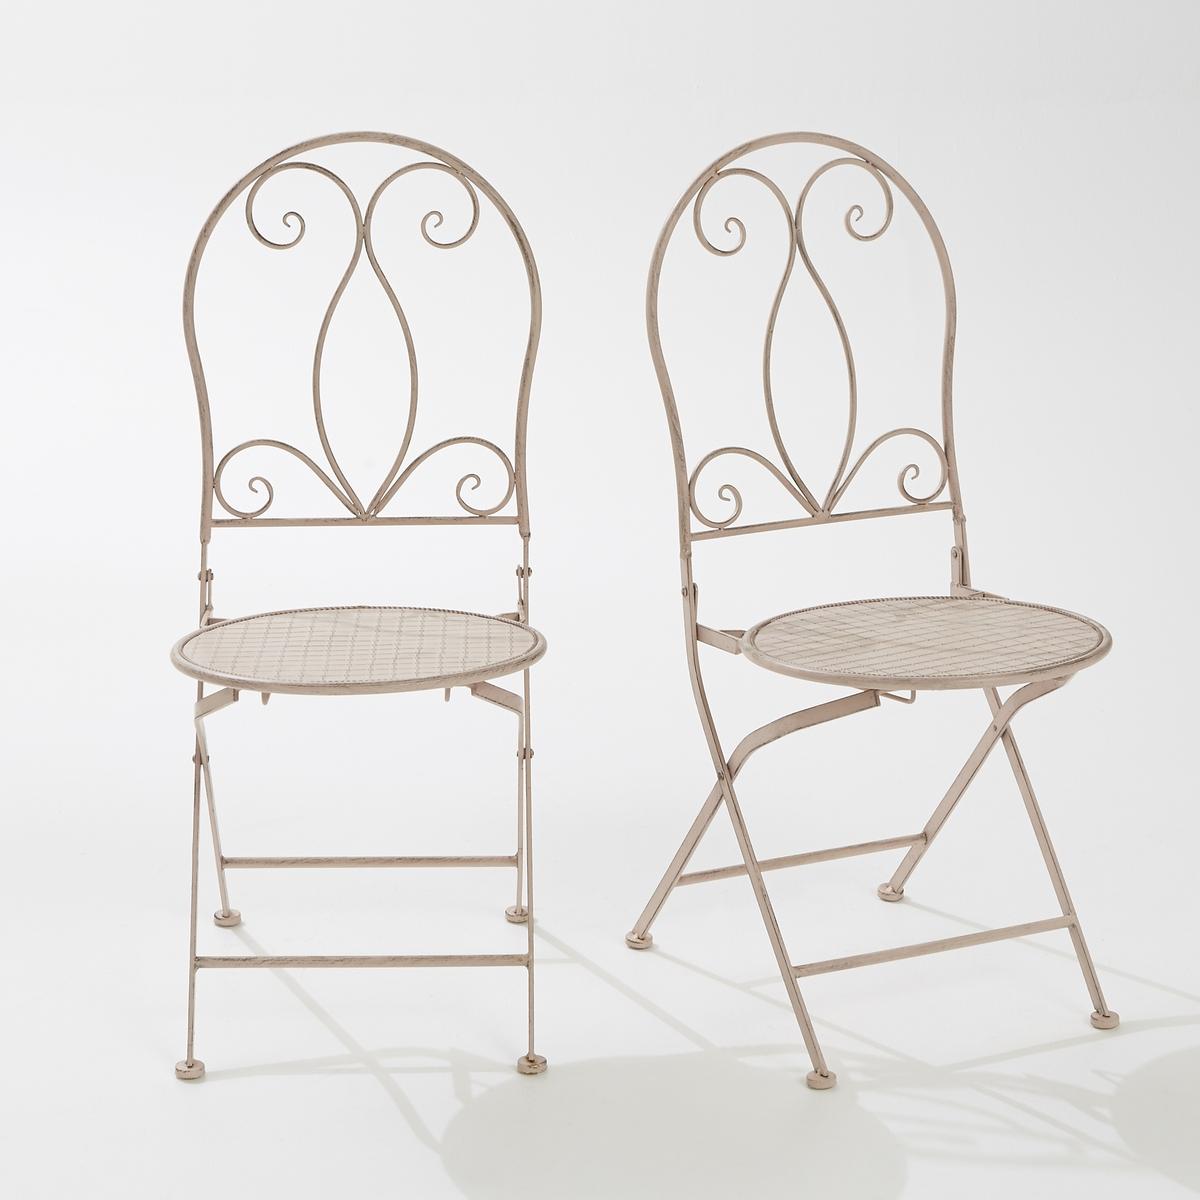 Стул садовый из металла, складнойОригинальный и элегантный стул для вашего сада !Металлический каркас, витой узор спинки и рельефное сиденье, этот стул будет прекрасно смотреться на вашей террасе . Легко собирается . Характеристики стула :                                 Каркас из металла                          Стул складной с эпоксидным покрытием                                  Продается поштучно                                                               Размеры стула :                                 Длина : 39 см                                 Ширина : 39 см                                 Высота : 94 см                                 Вес : 4,4 кг Размер с упаковкой :94x39x15см Вес : 4,4 кг Доставка:Садовый стул доставляется в собранном виде .Доставка до вашей квартиры !Внимание ! Убедитесь, что посылку возможно доставить на дом, учитывая ее габариты<br><br>Цвет: розовая пудра<br>Размер: единый размер